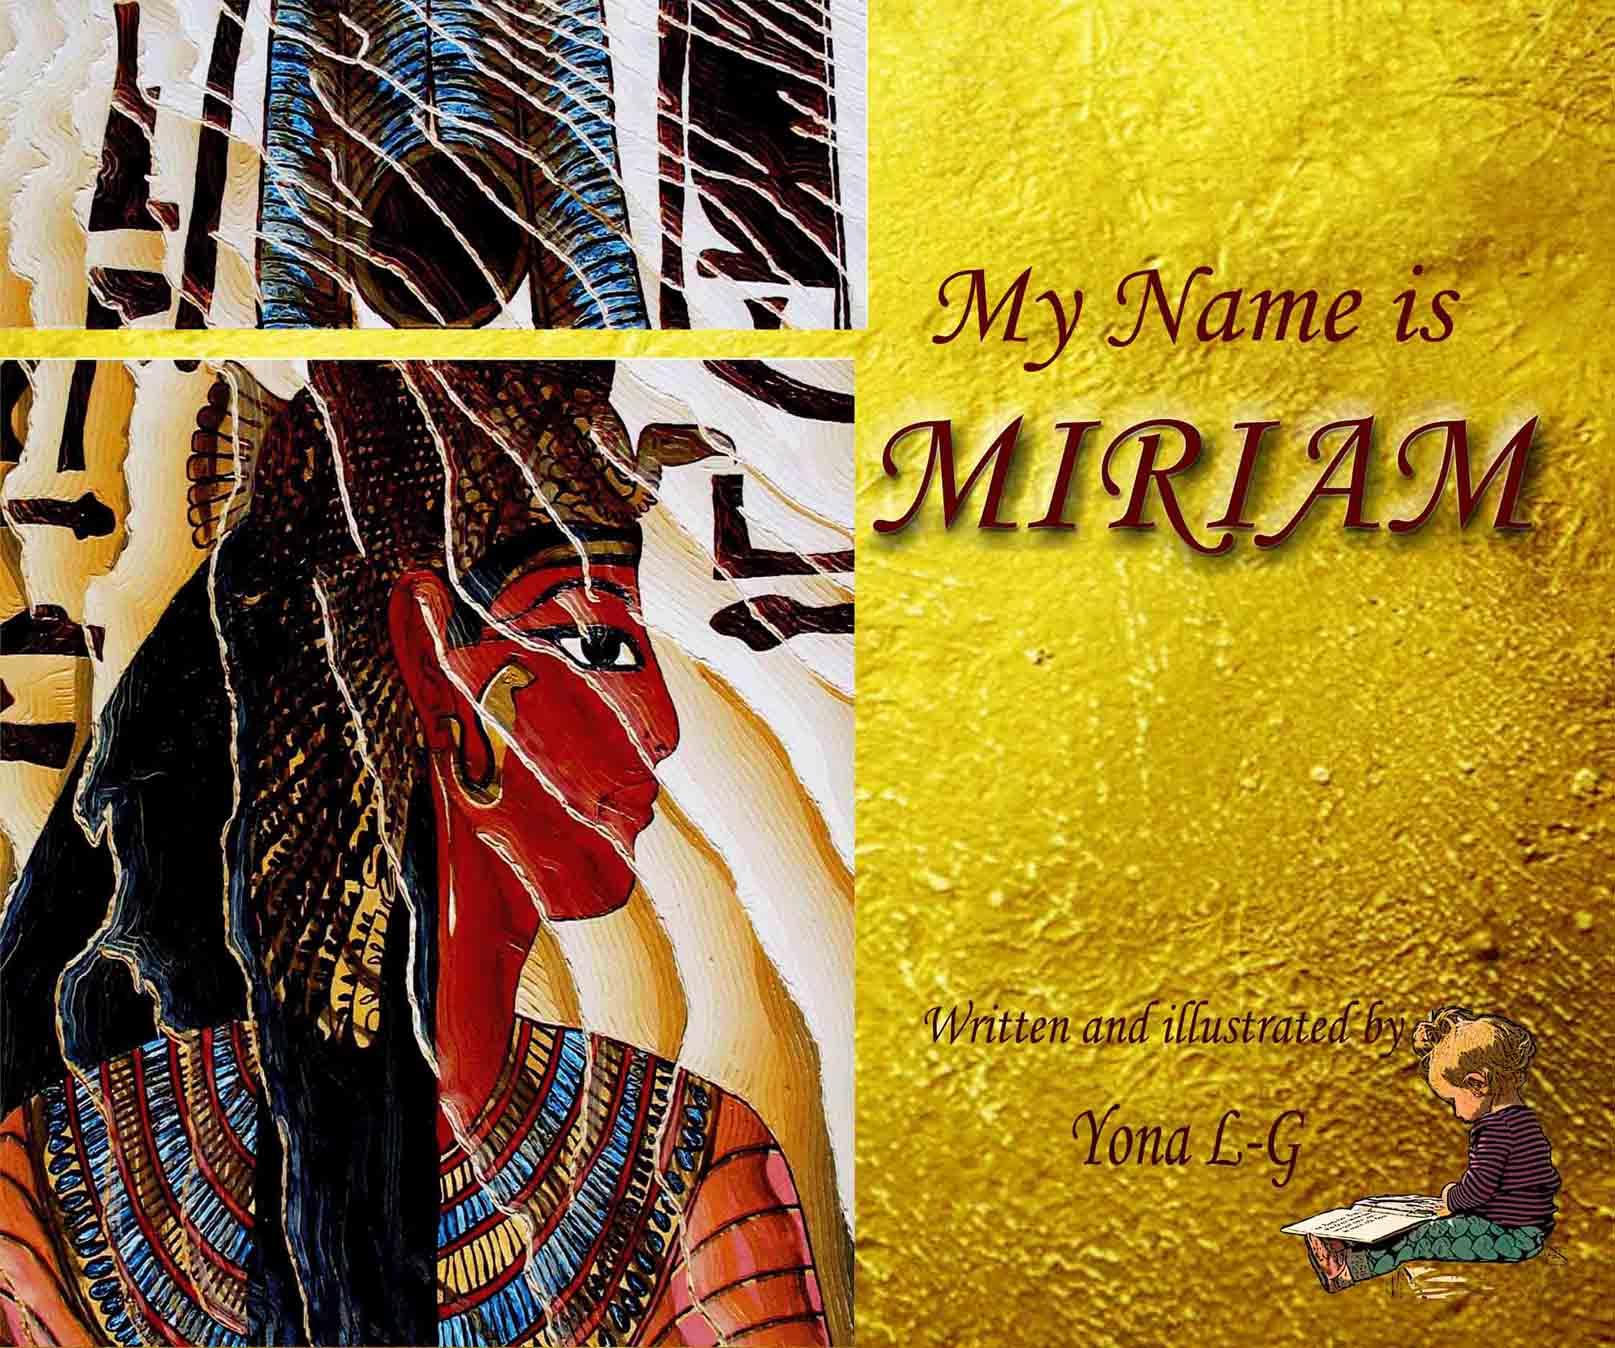 שמי מרים